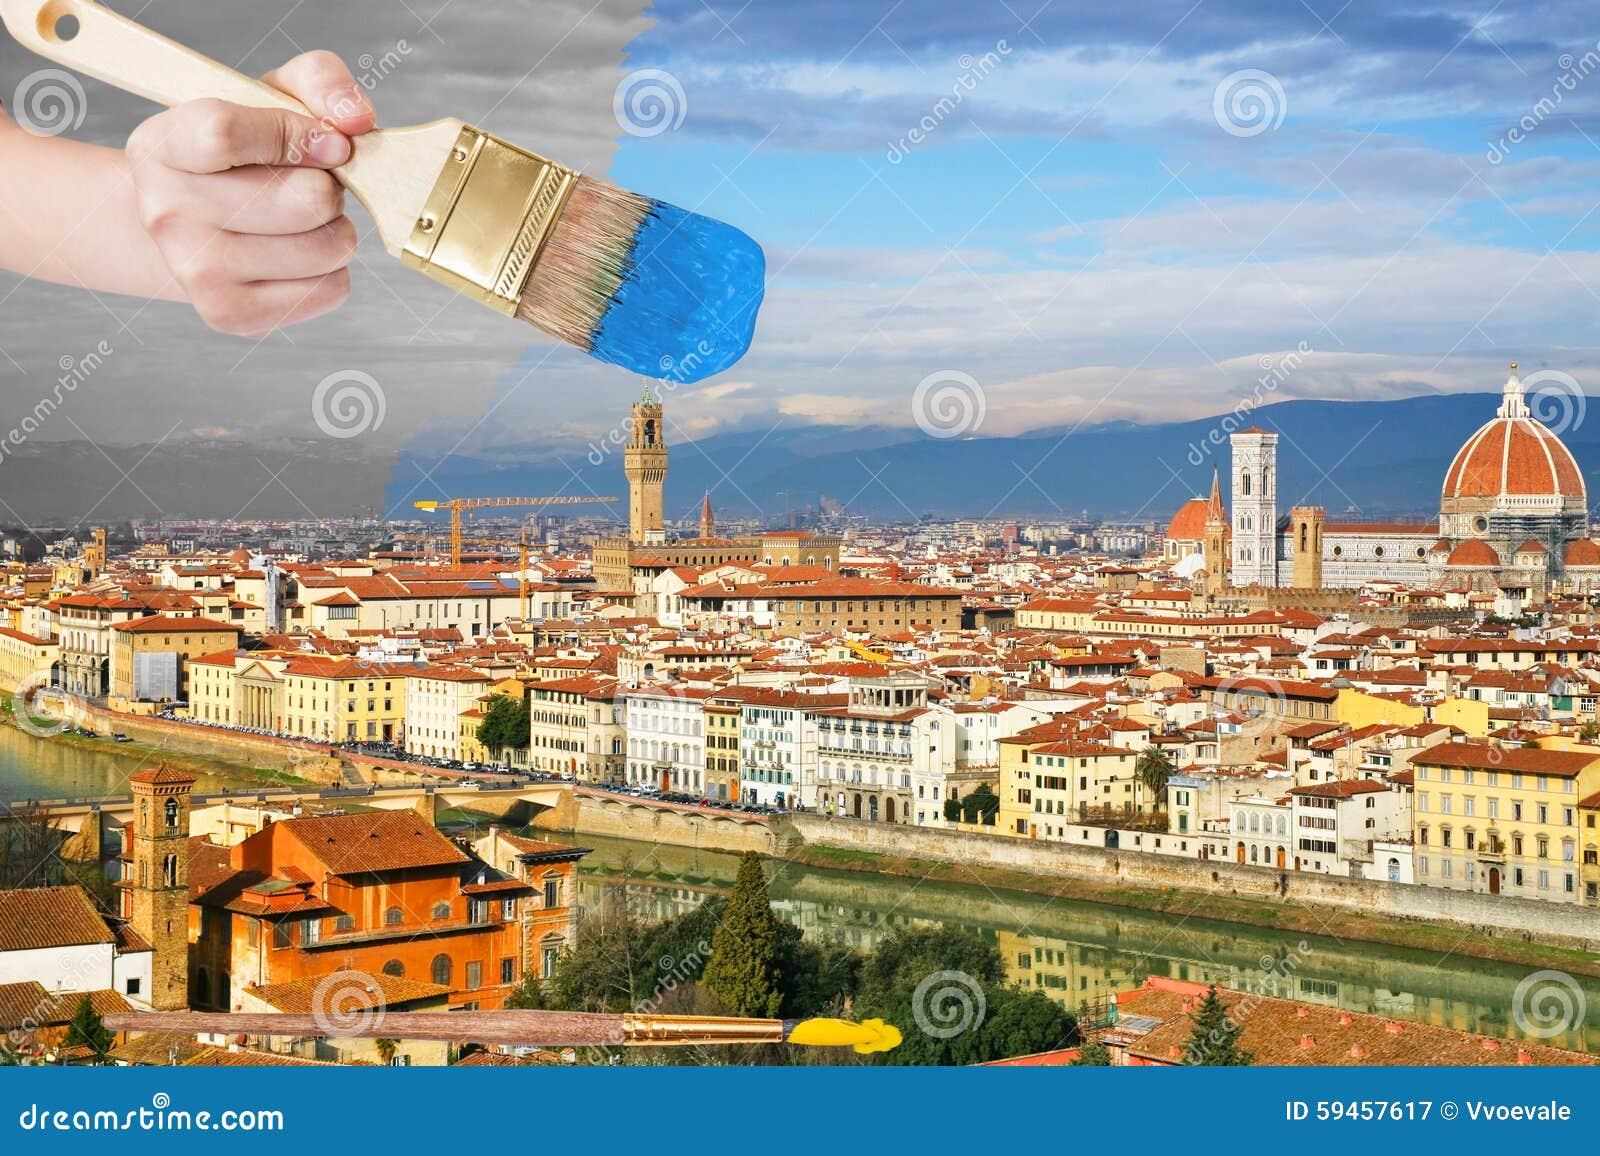 Le pinceau peint le ciel bleu au-dessus de la ville de Florence